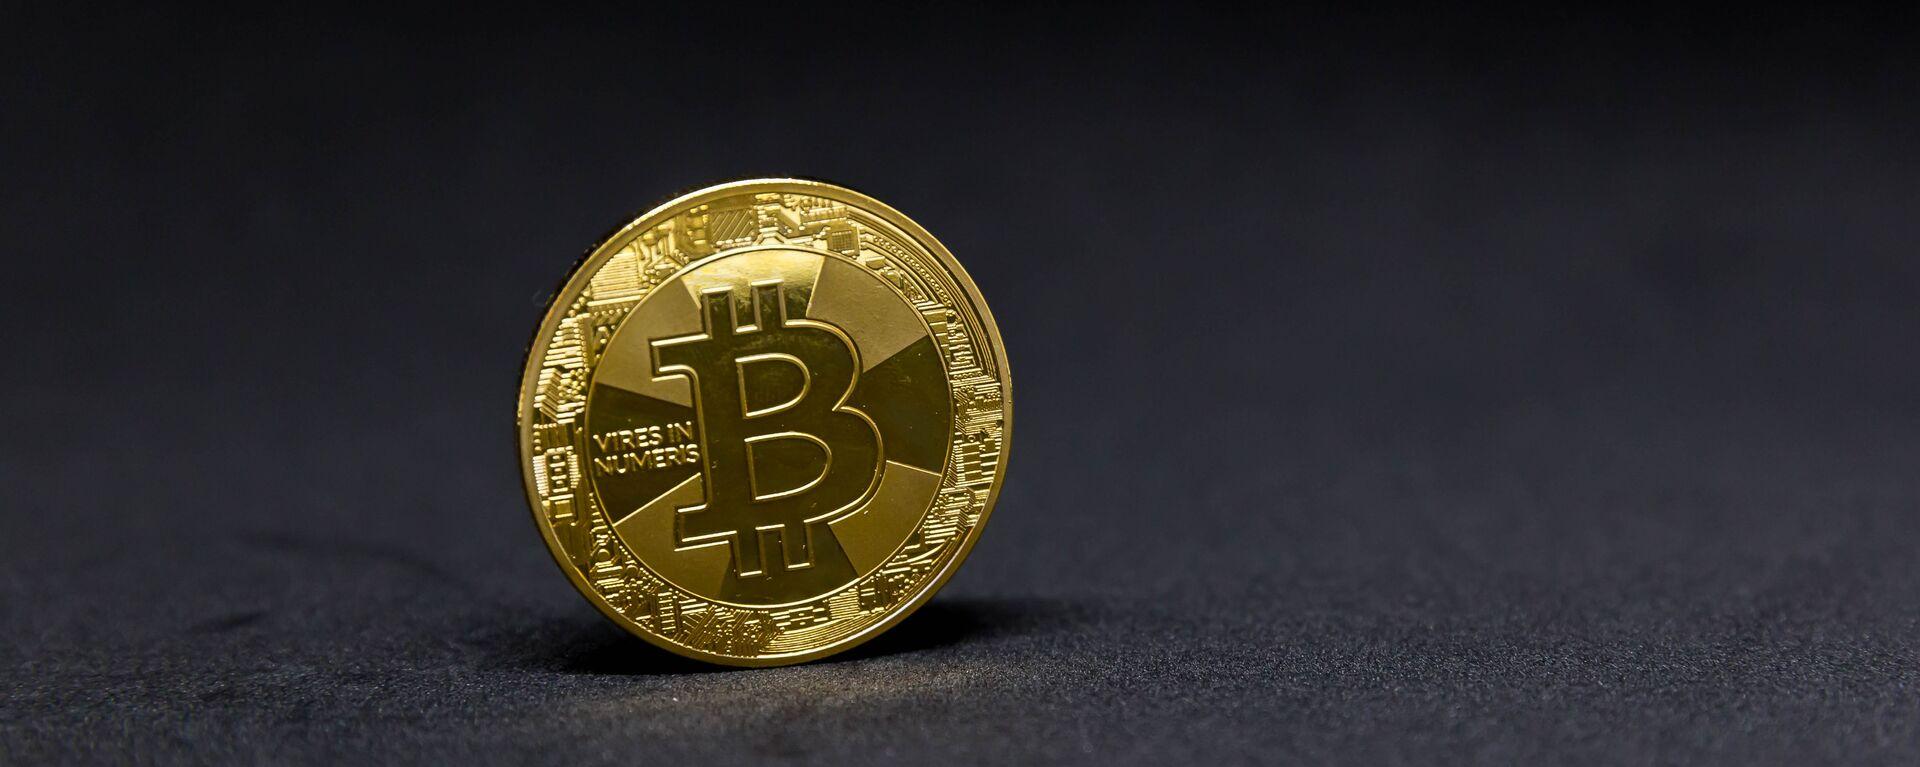 Bitcoin (imagen referencial) - Sputnik Mundo, 1920, 05.04.2021